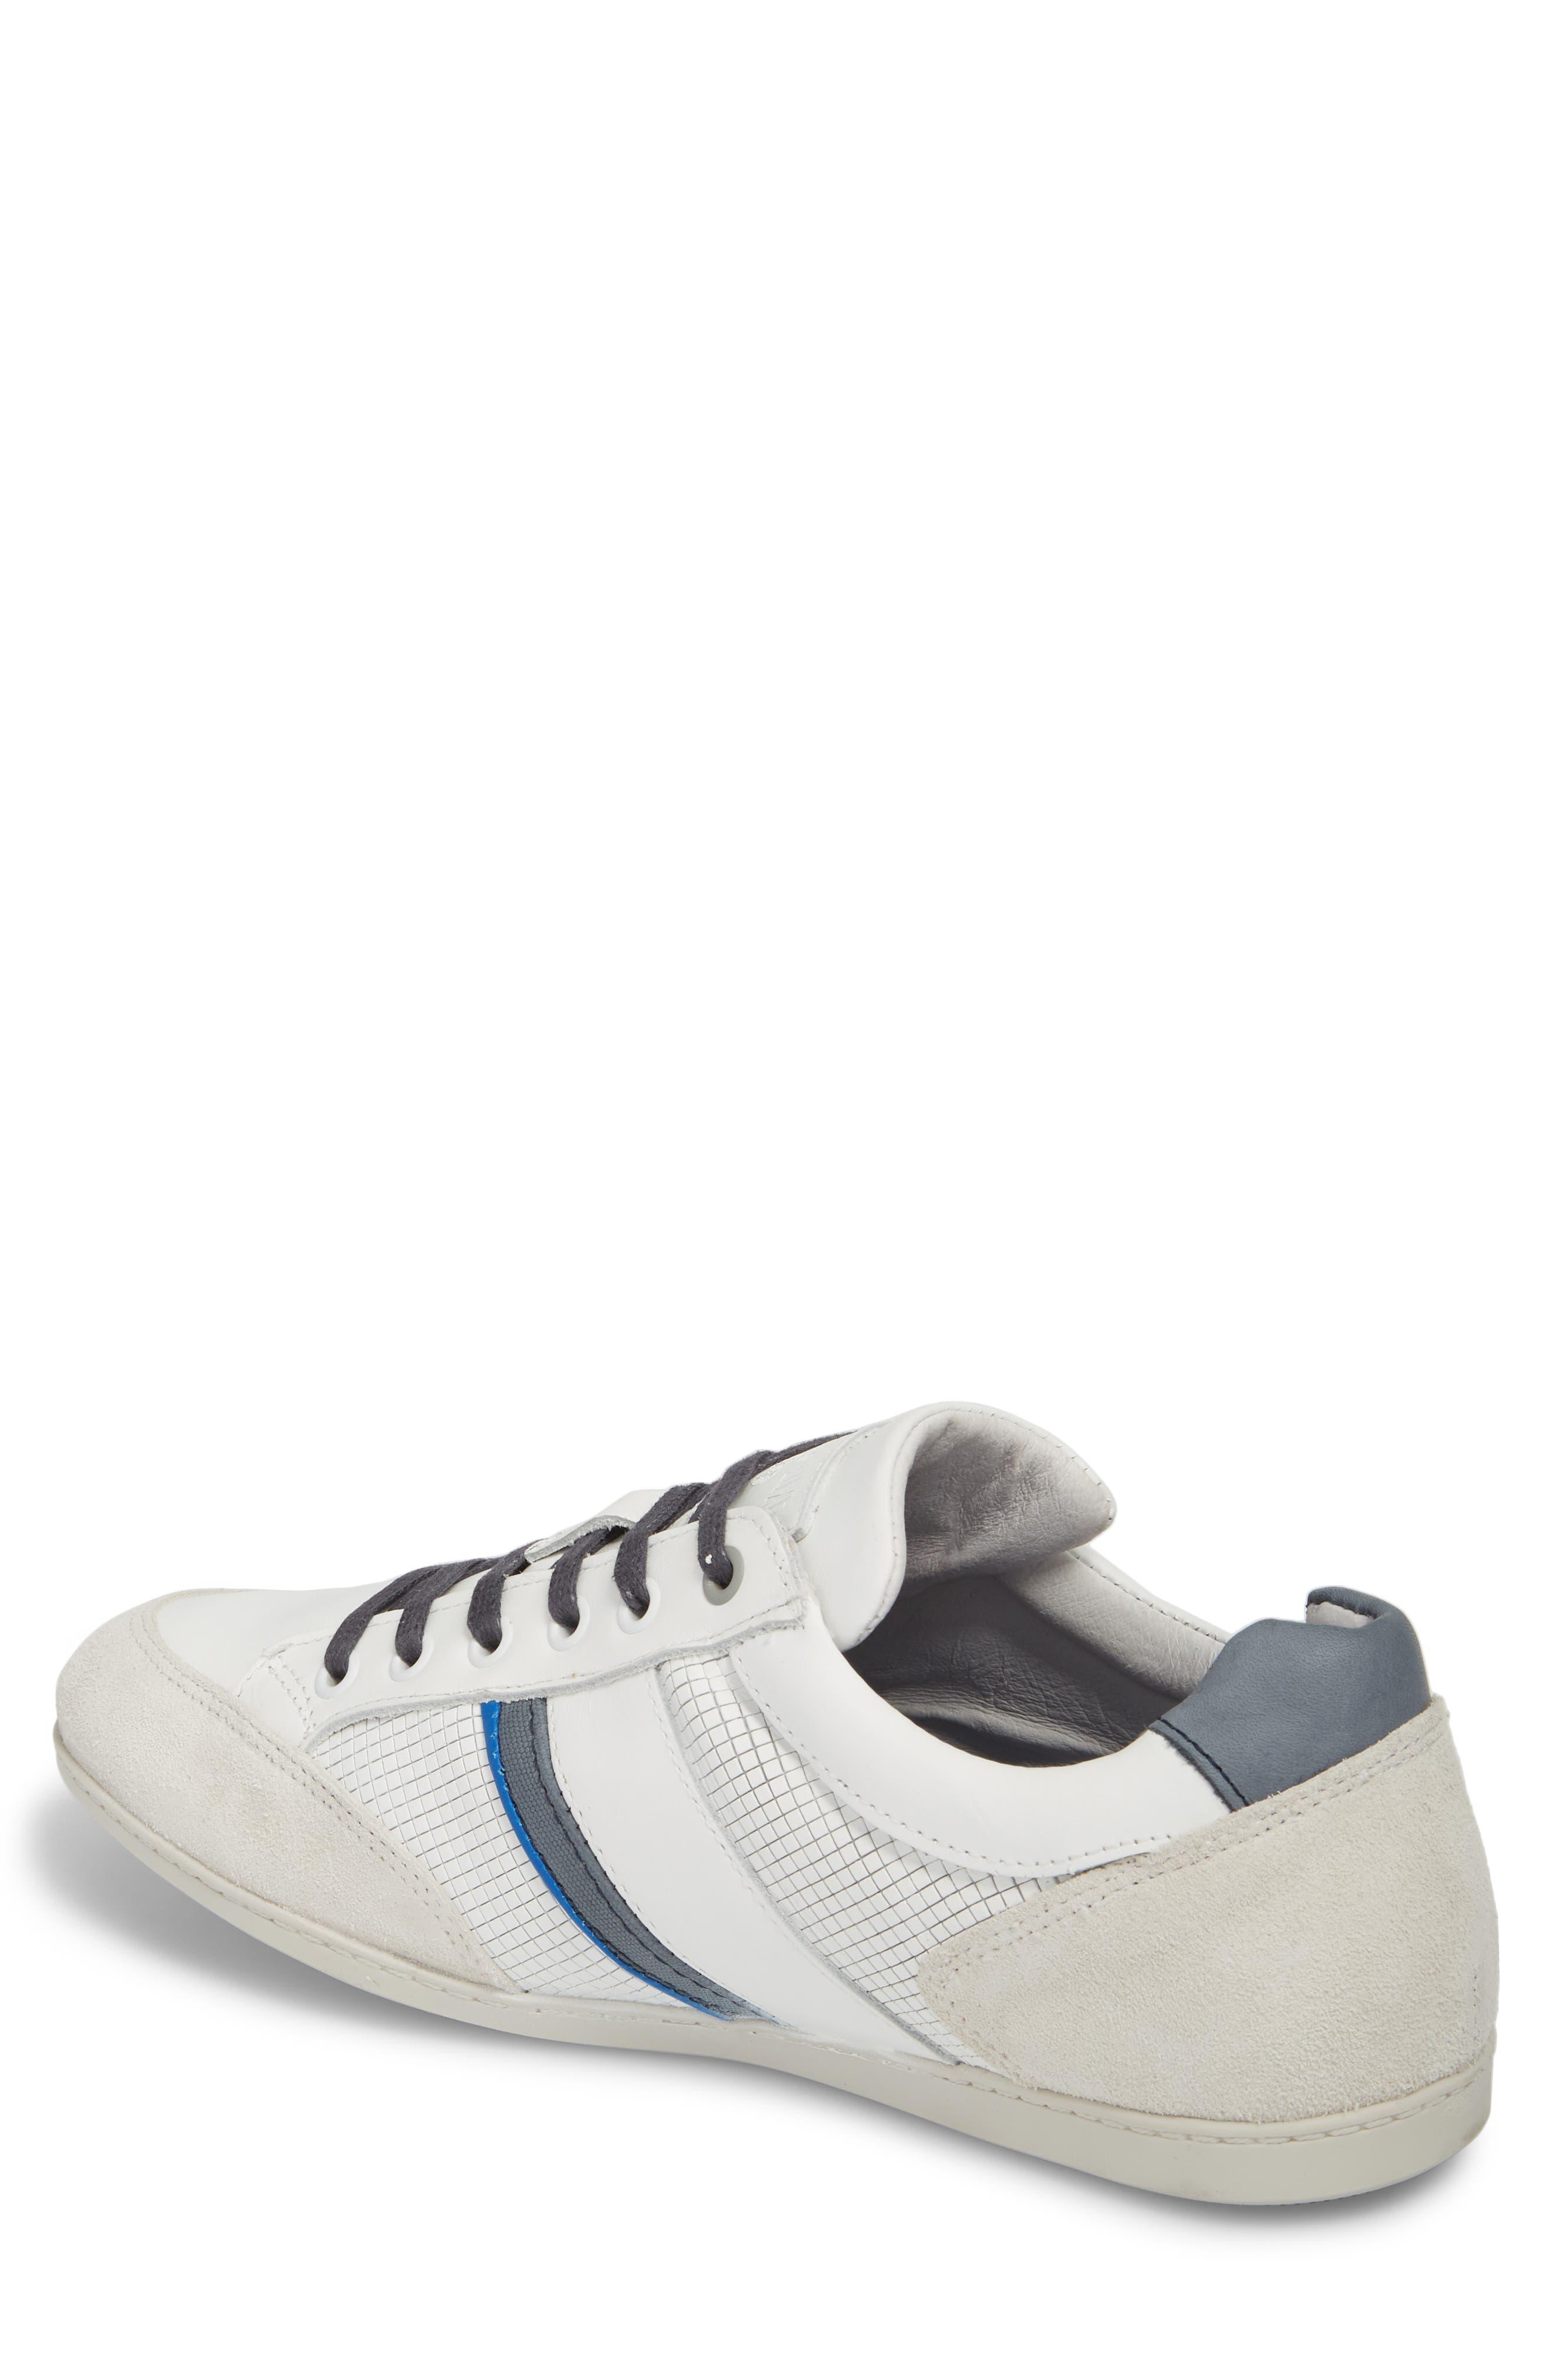 Bahamas Low Top Sneaker,                             Alternate thumbnail 2, color,                             100